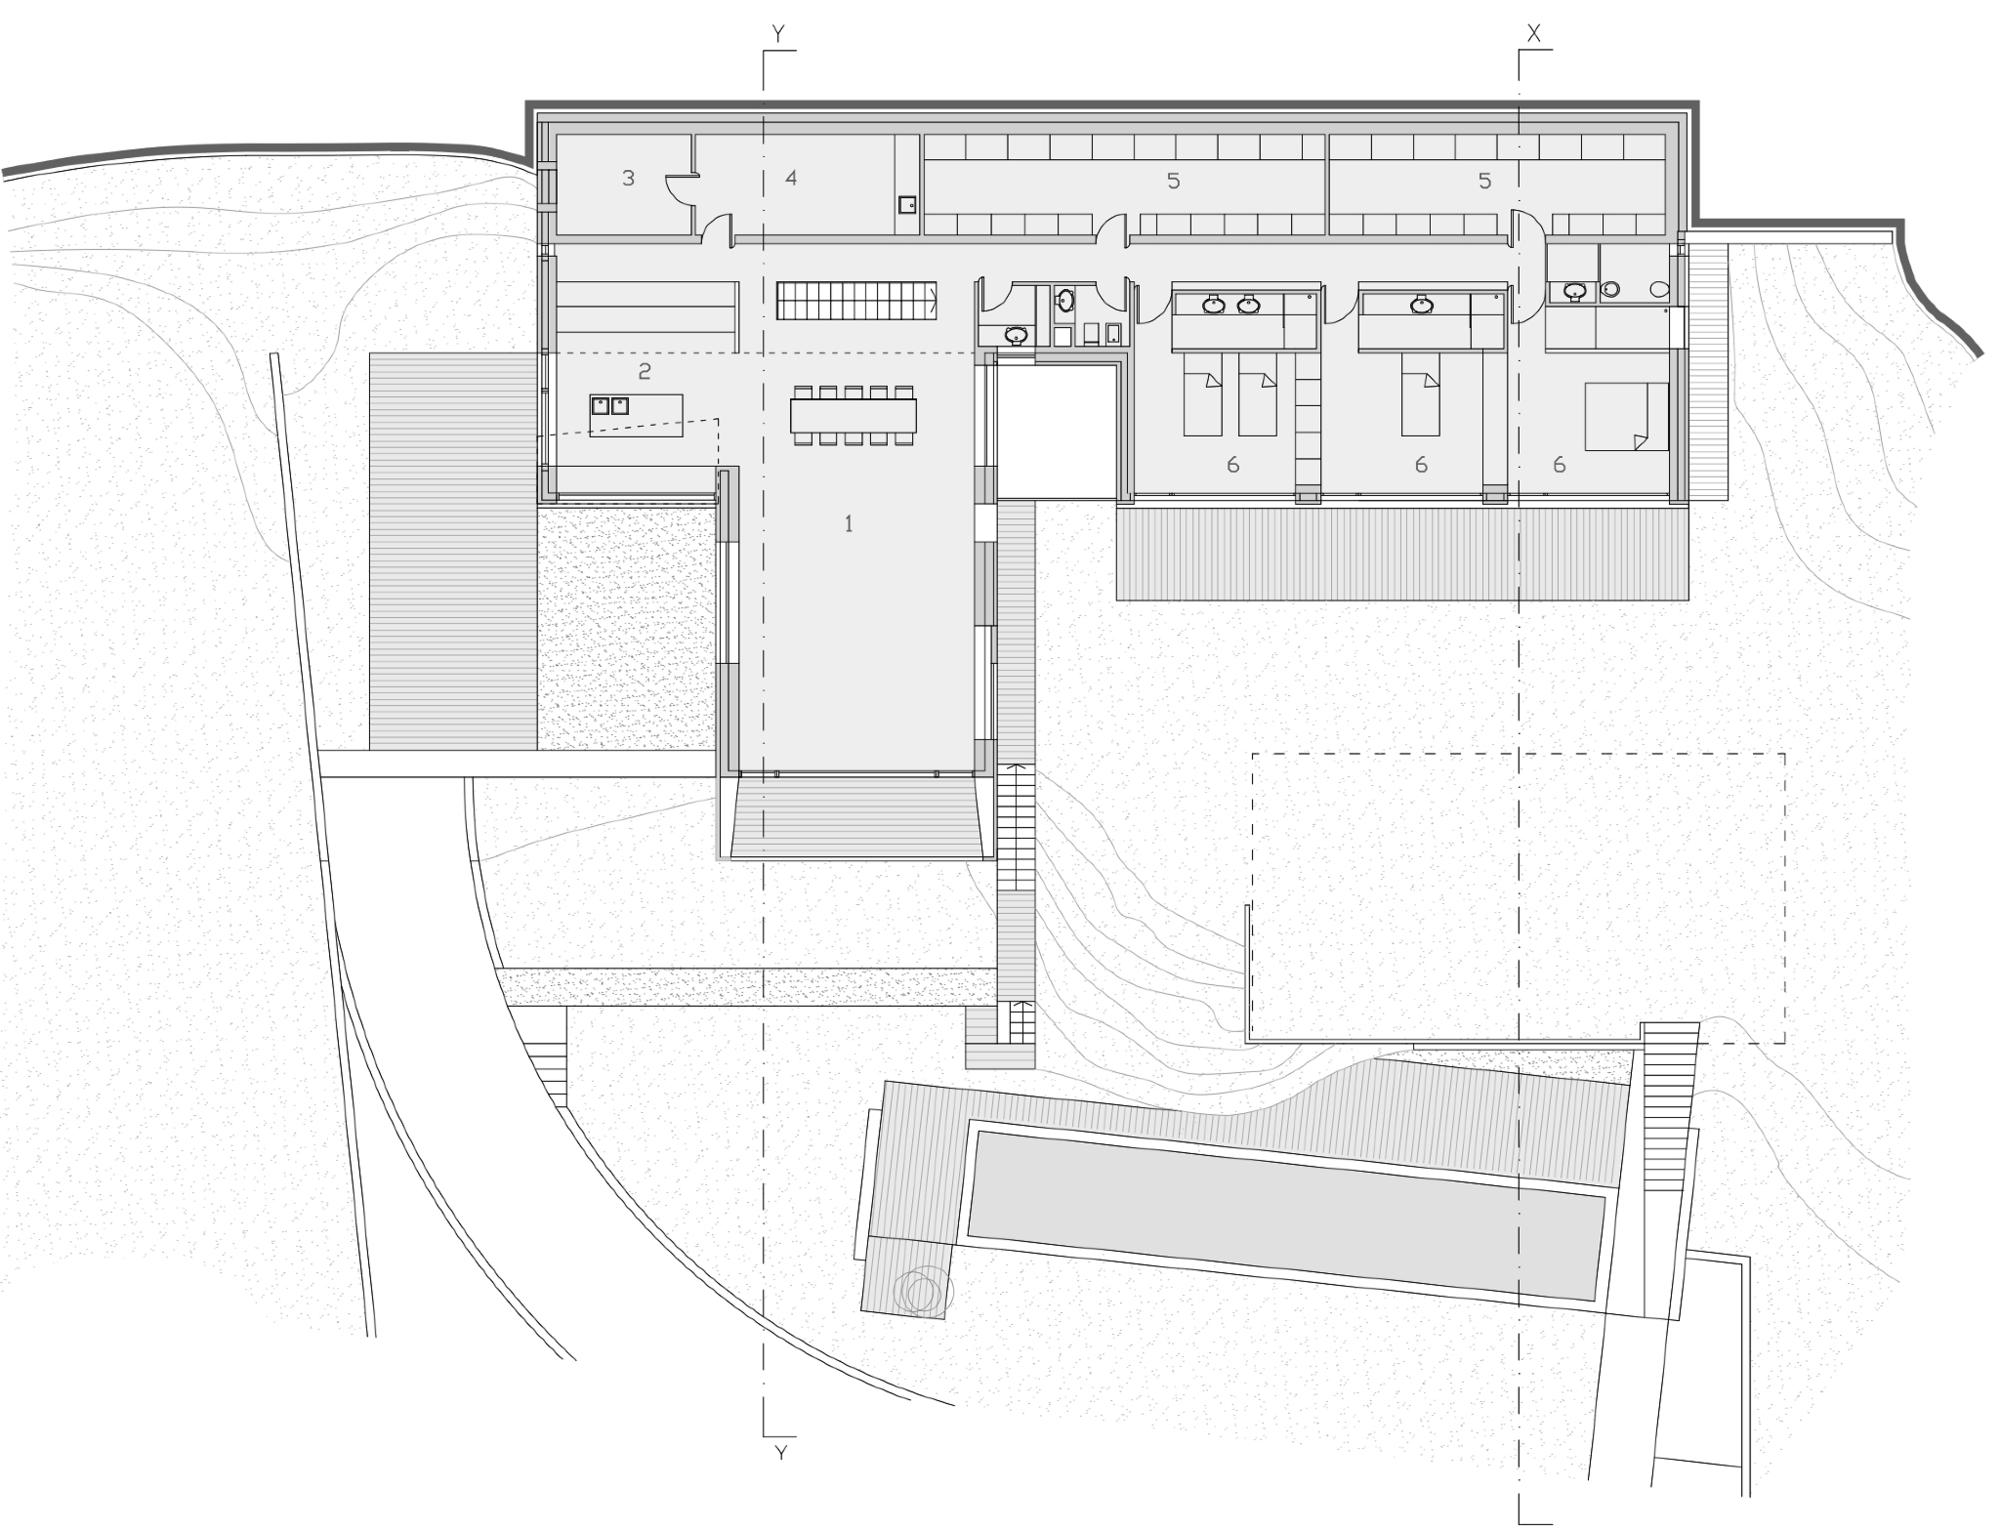 52249c4ce8e44e338700000b_casa-y-f-l-architetti_plan.png (2000×1530)